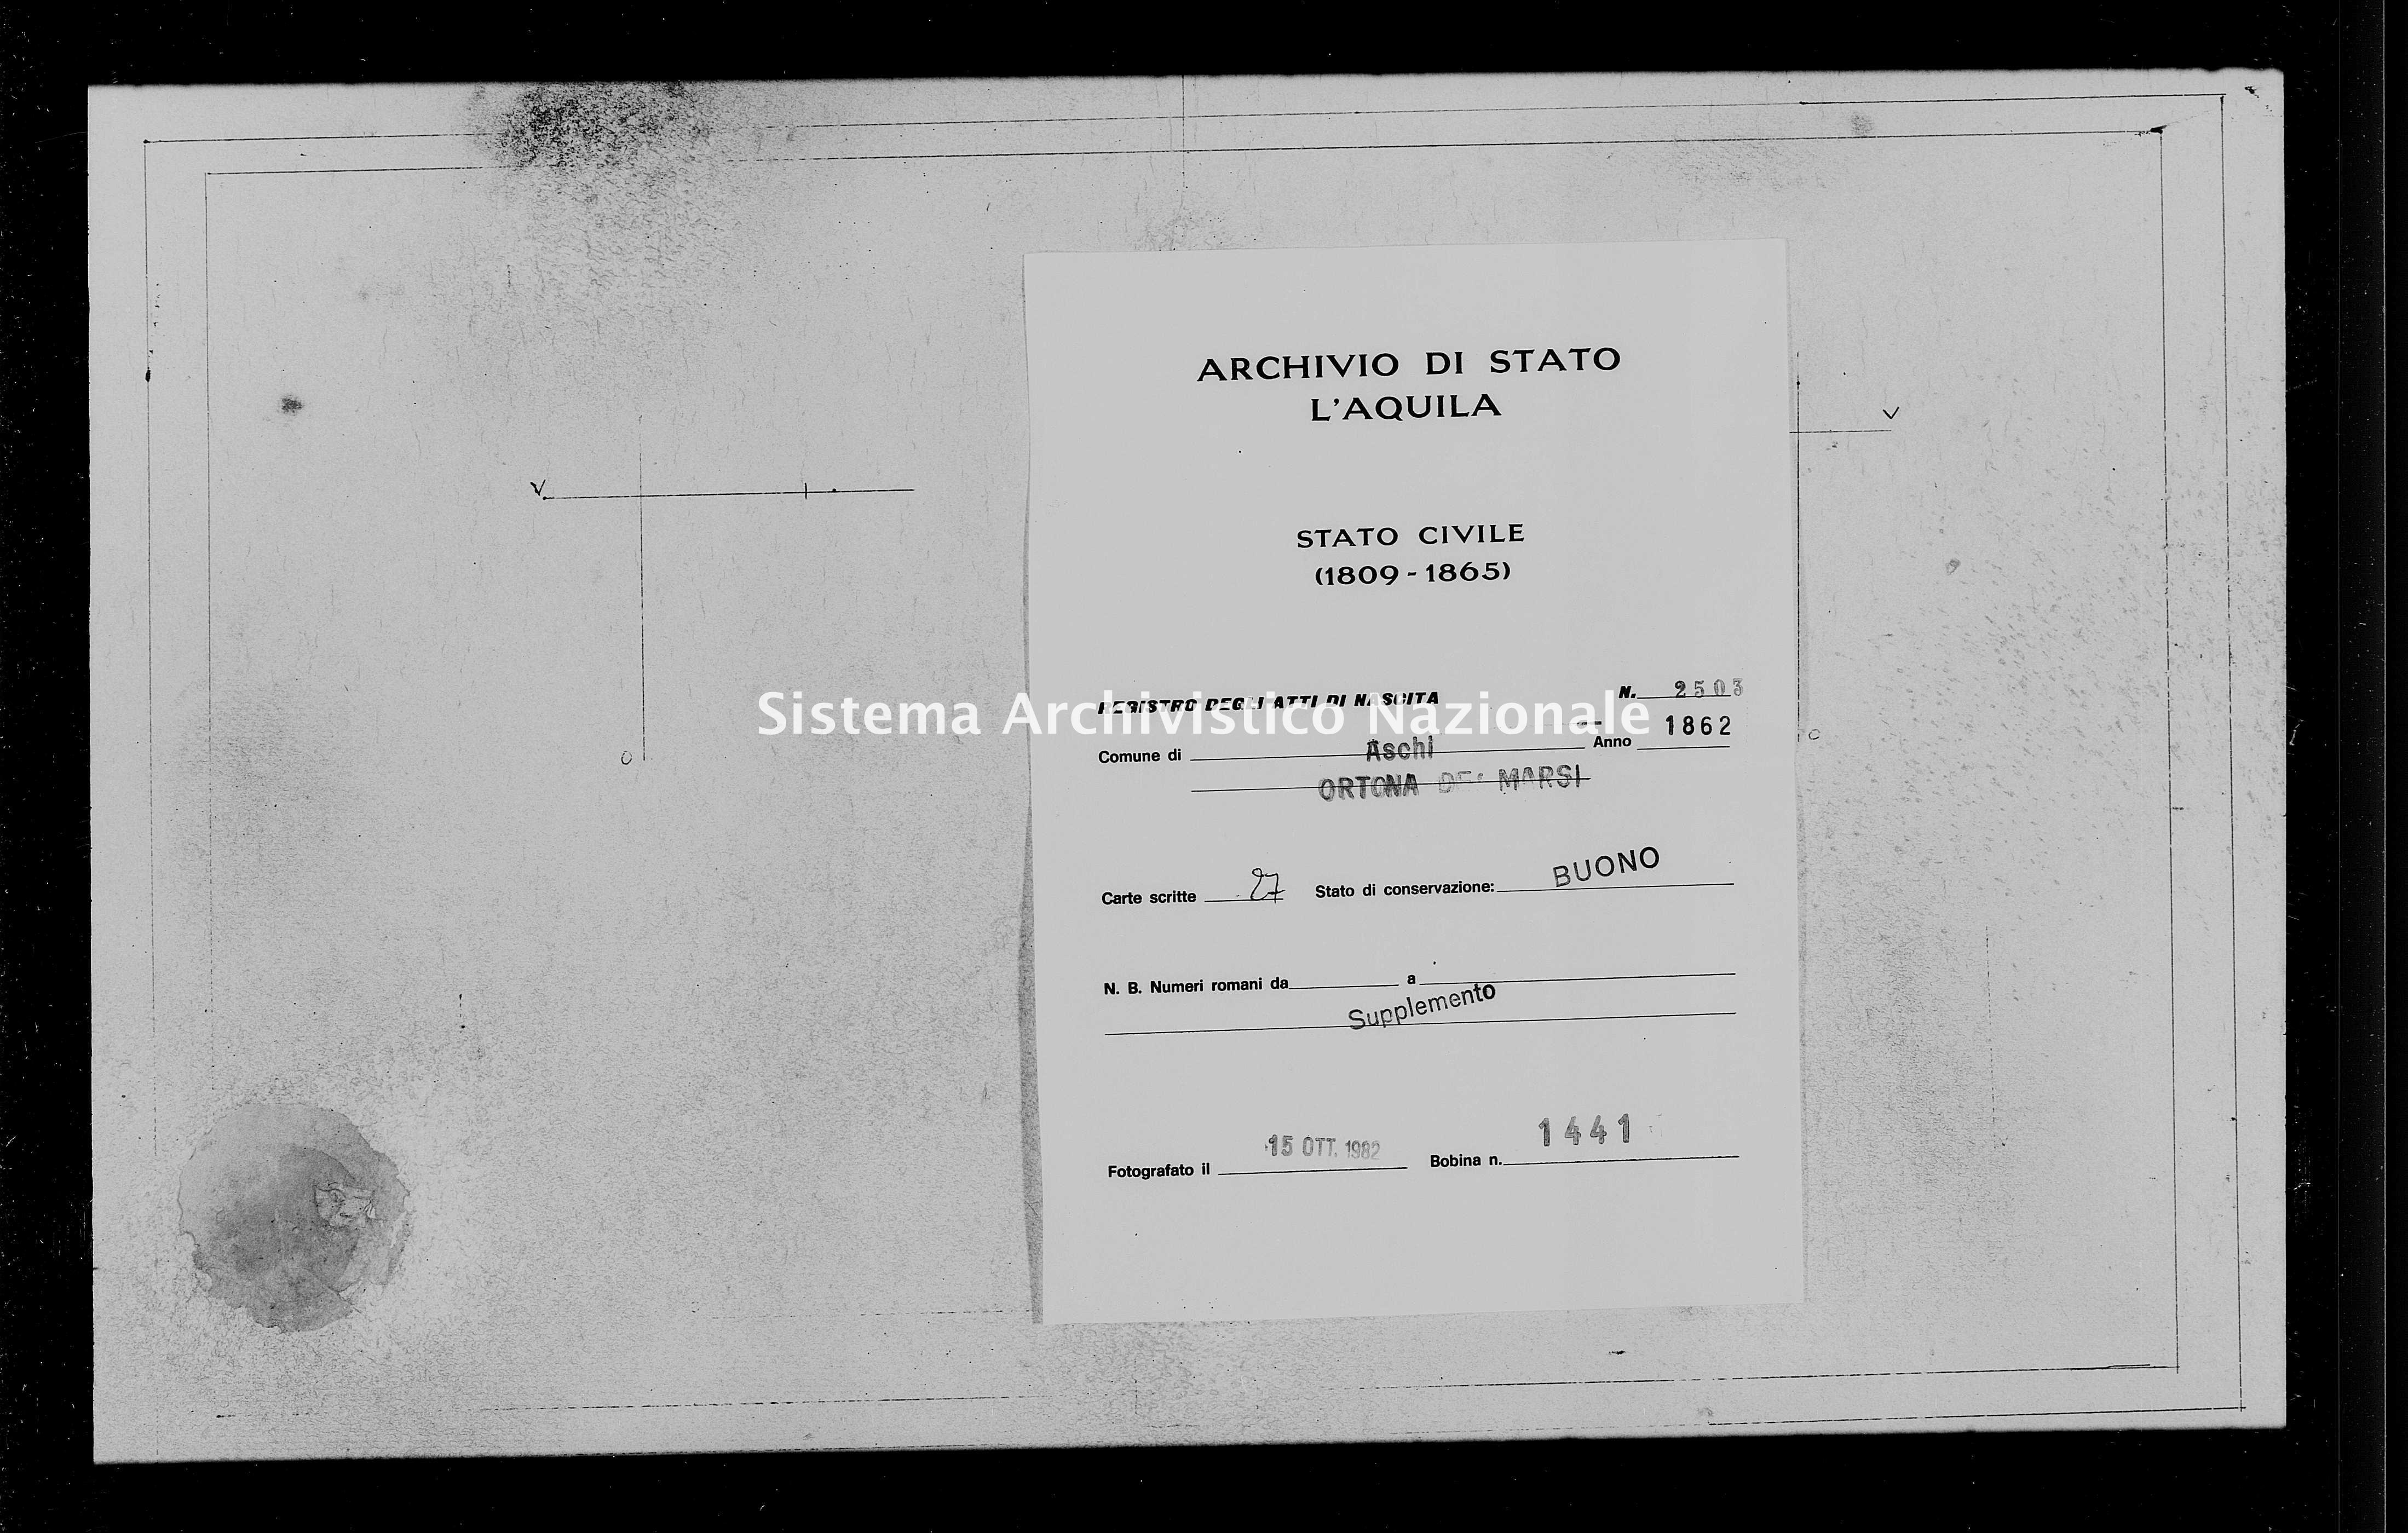 Archivio di stato di L'aquila - Stato civile italiano - Aschi - Nati, battesimi - 1862 - 2503 -